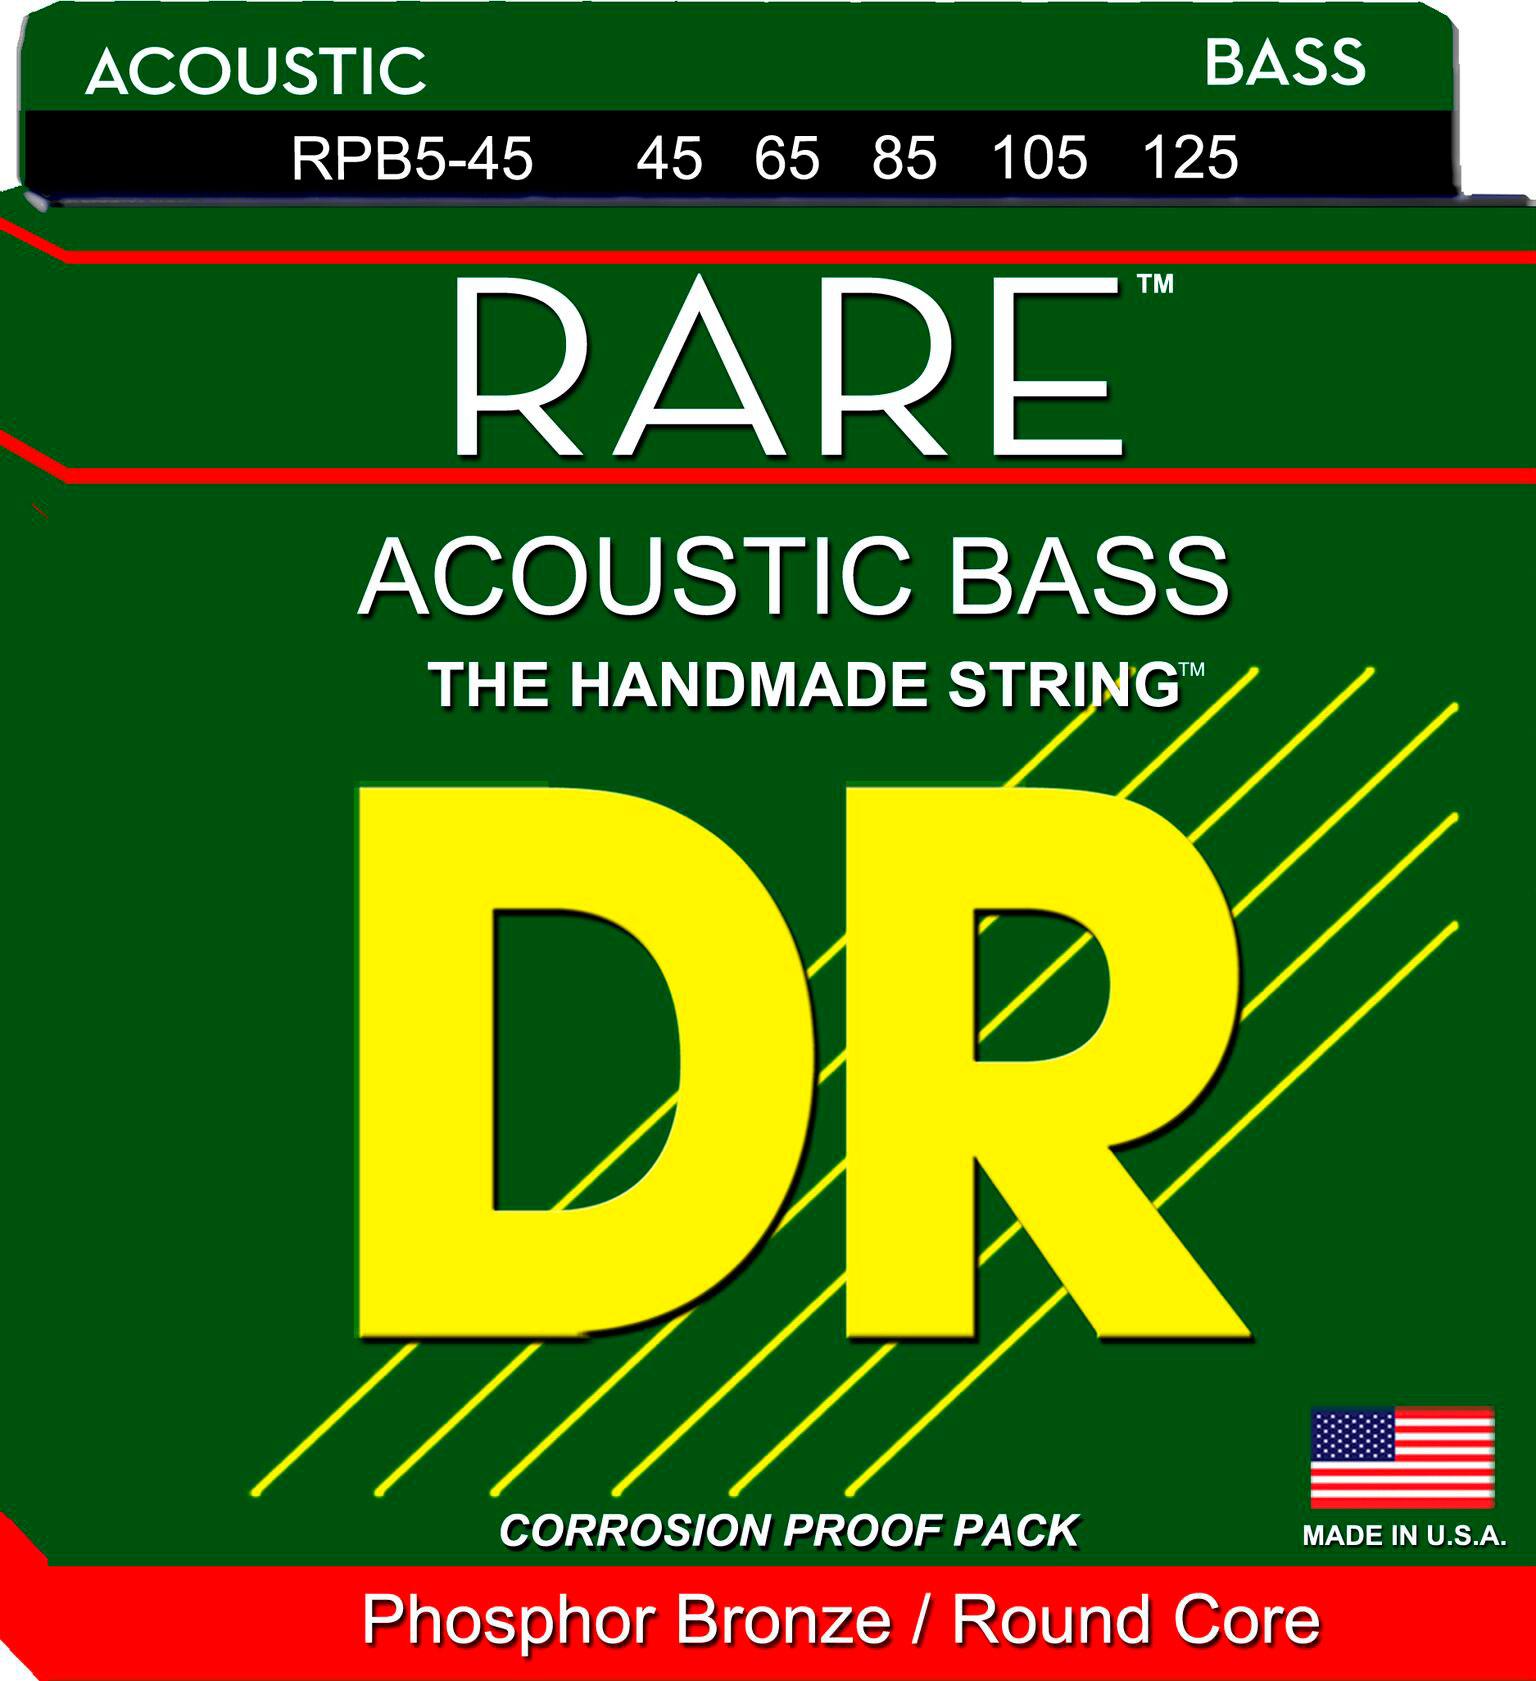 Dr RPB5-45 RARE